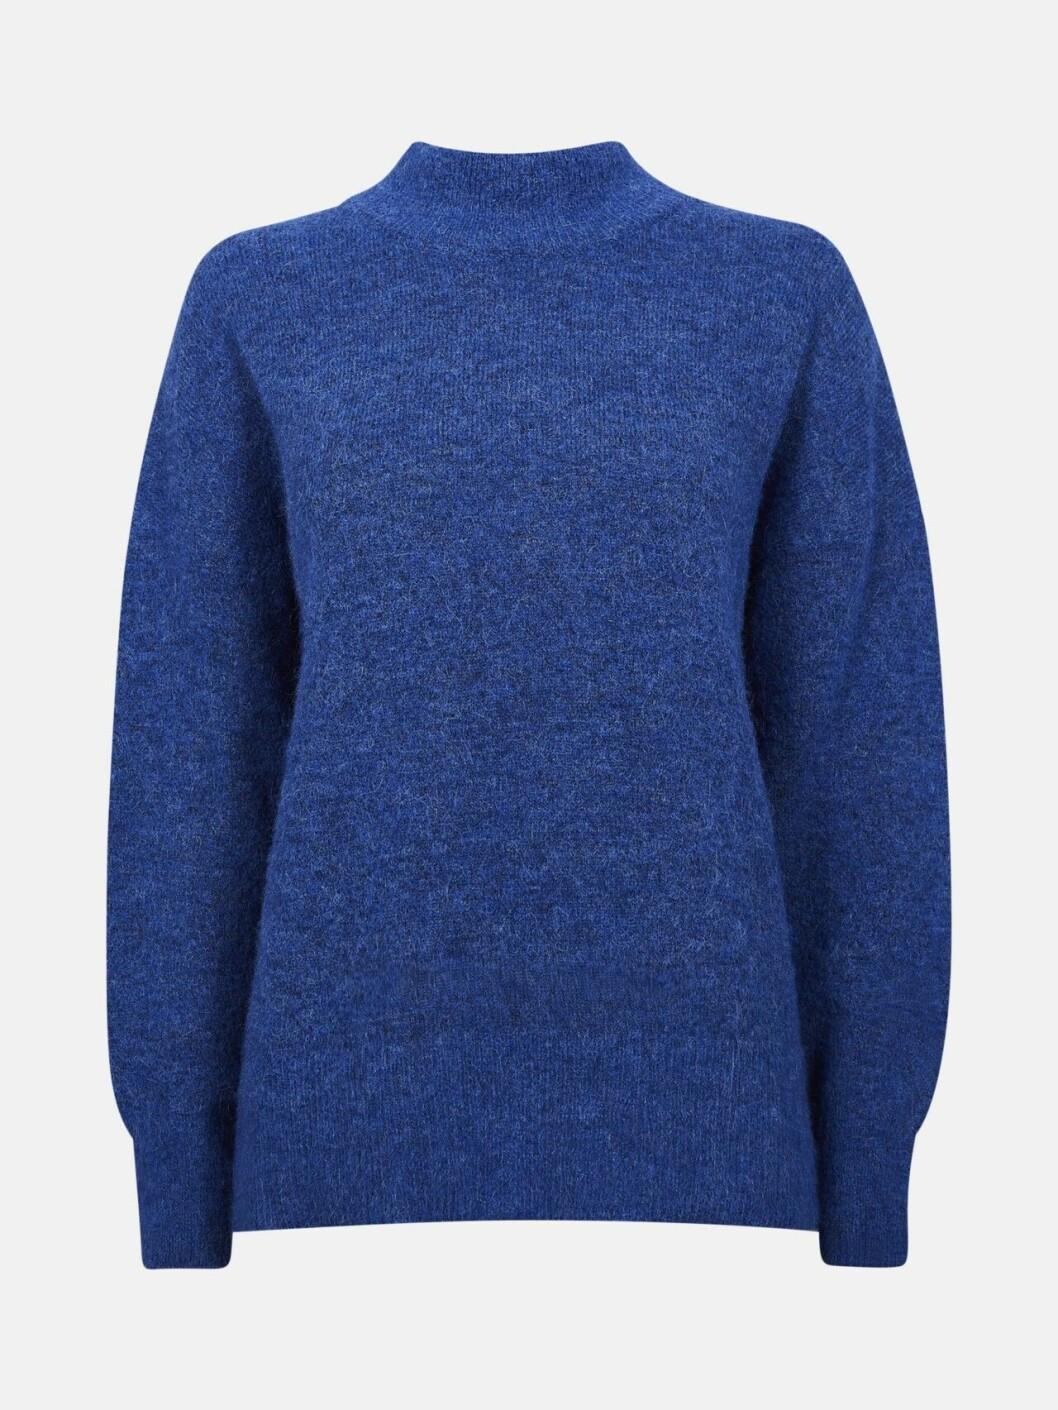 Blå stickad polotröja till vintern 2019